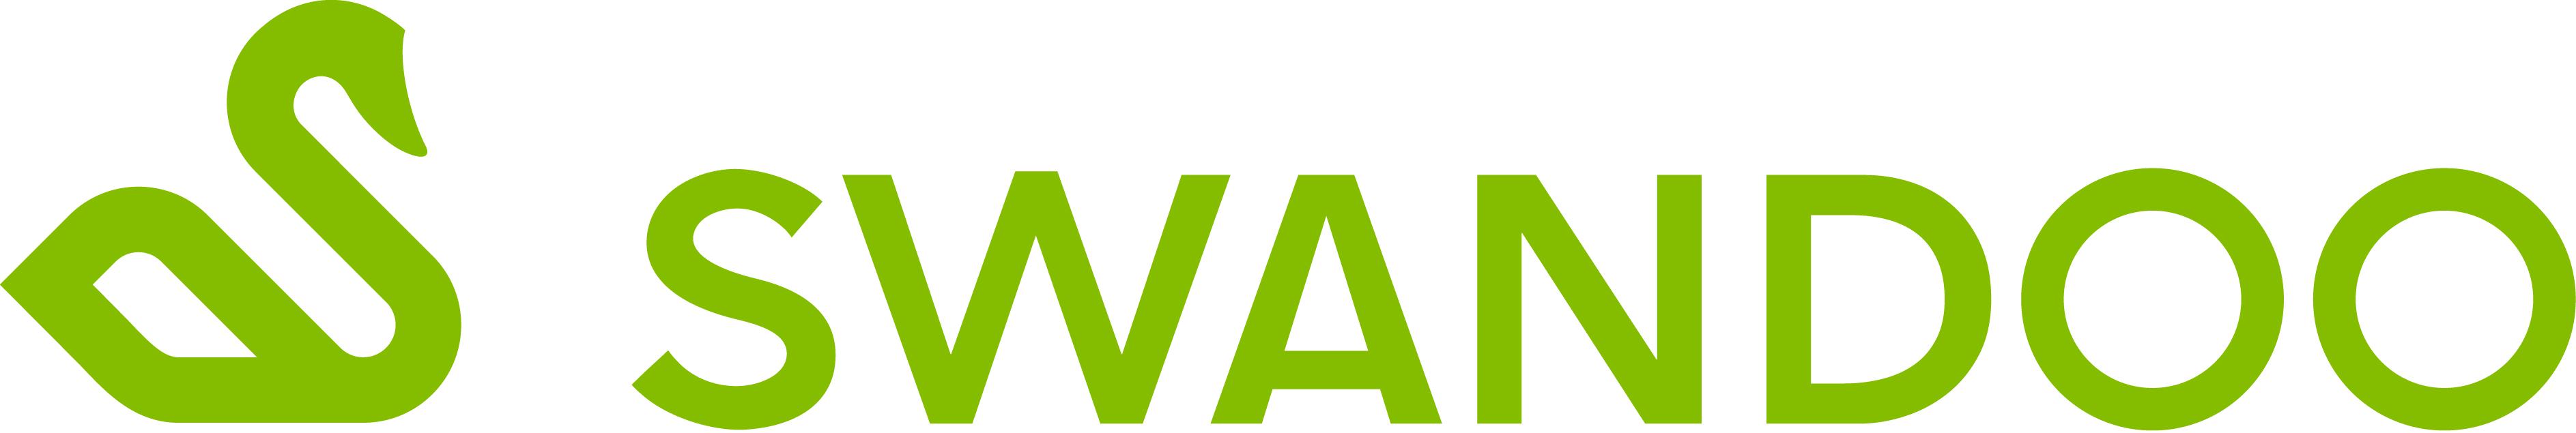 Logo der Marke Swandoo